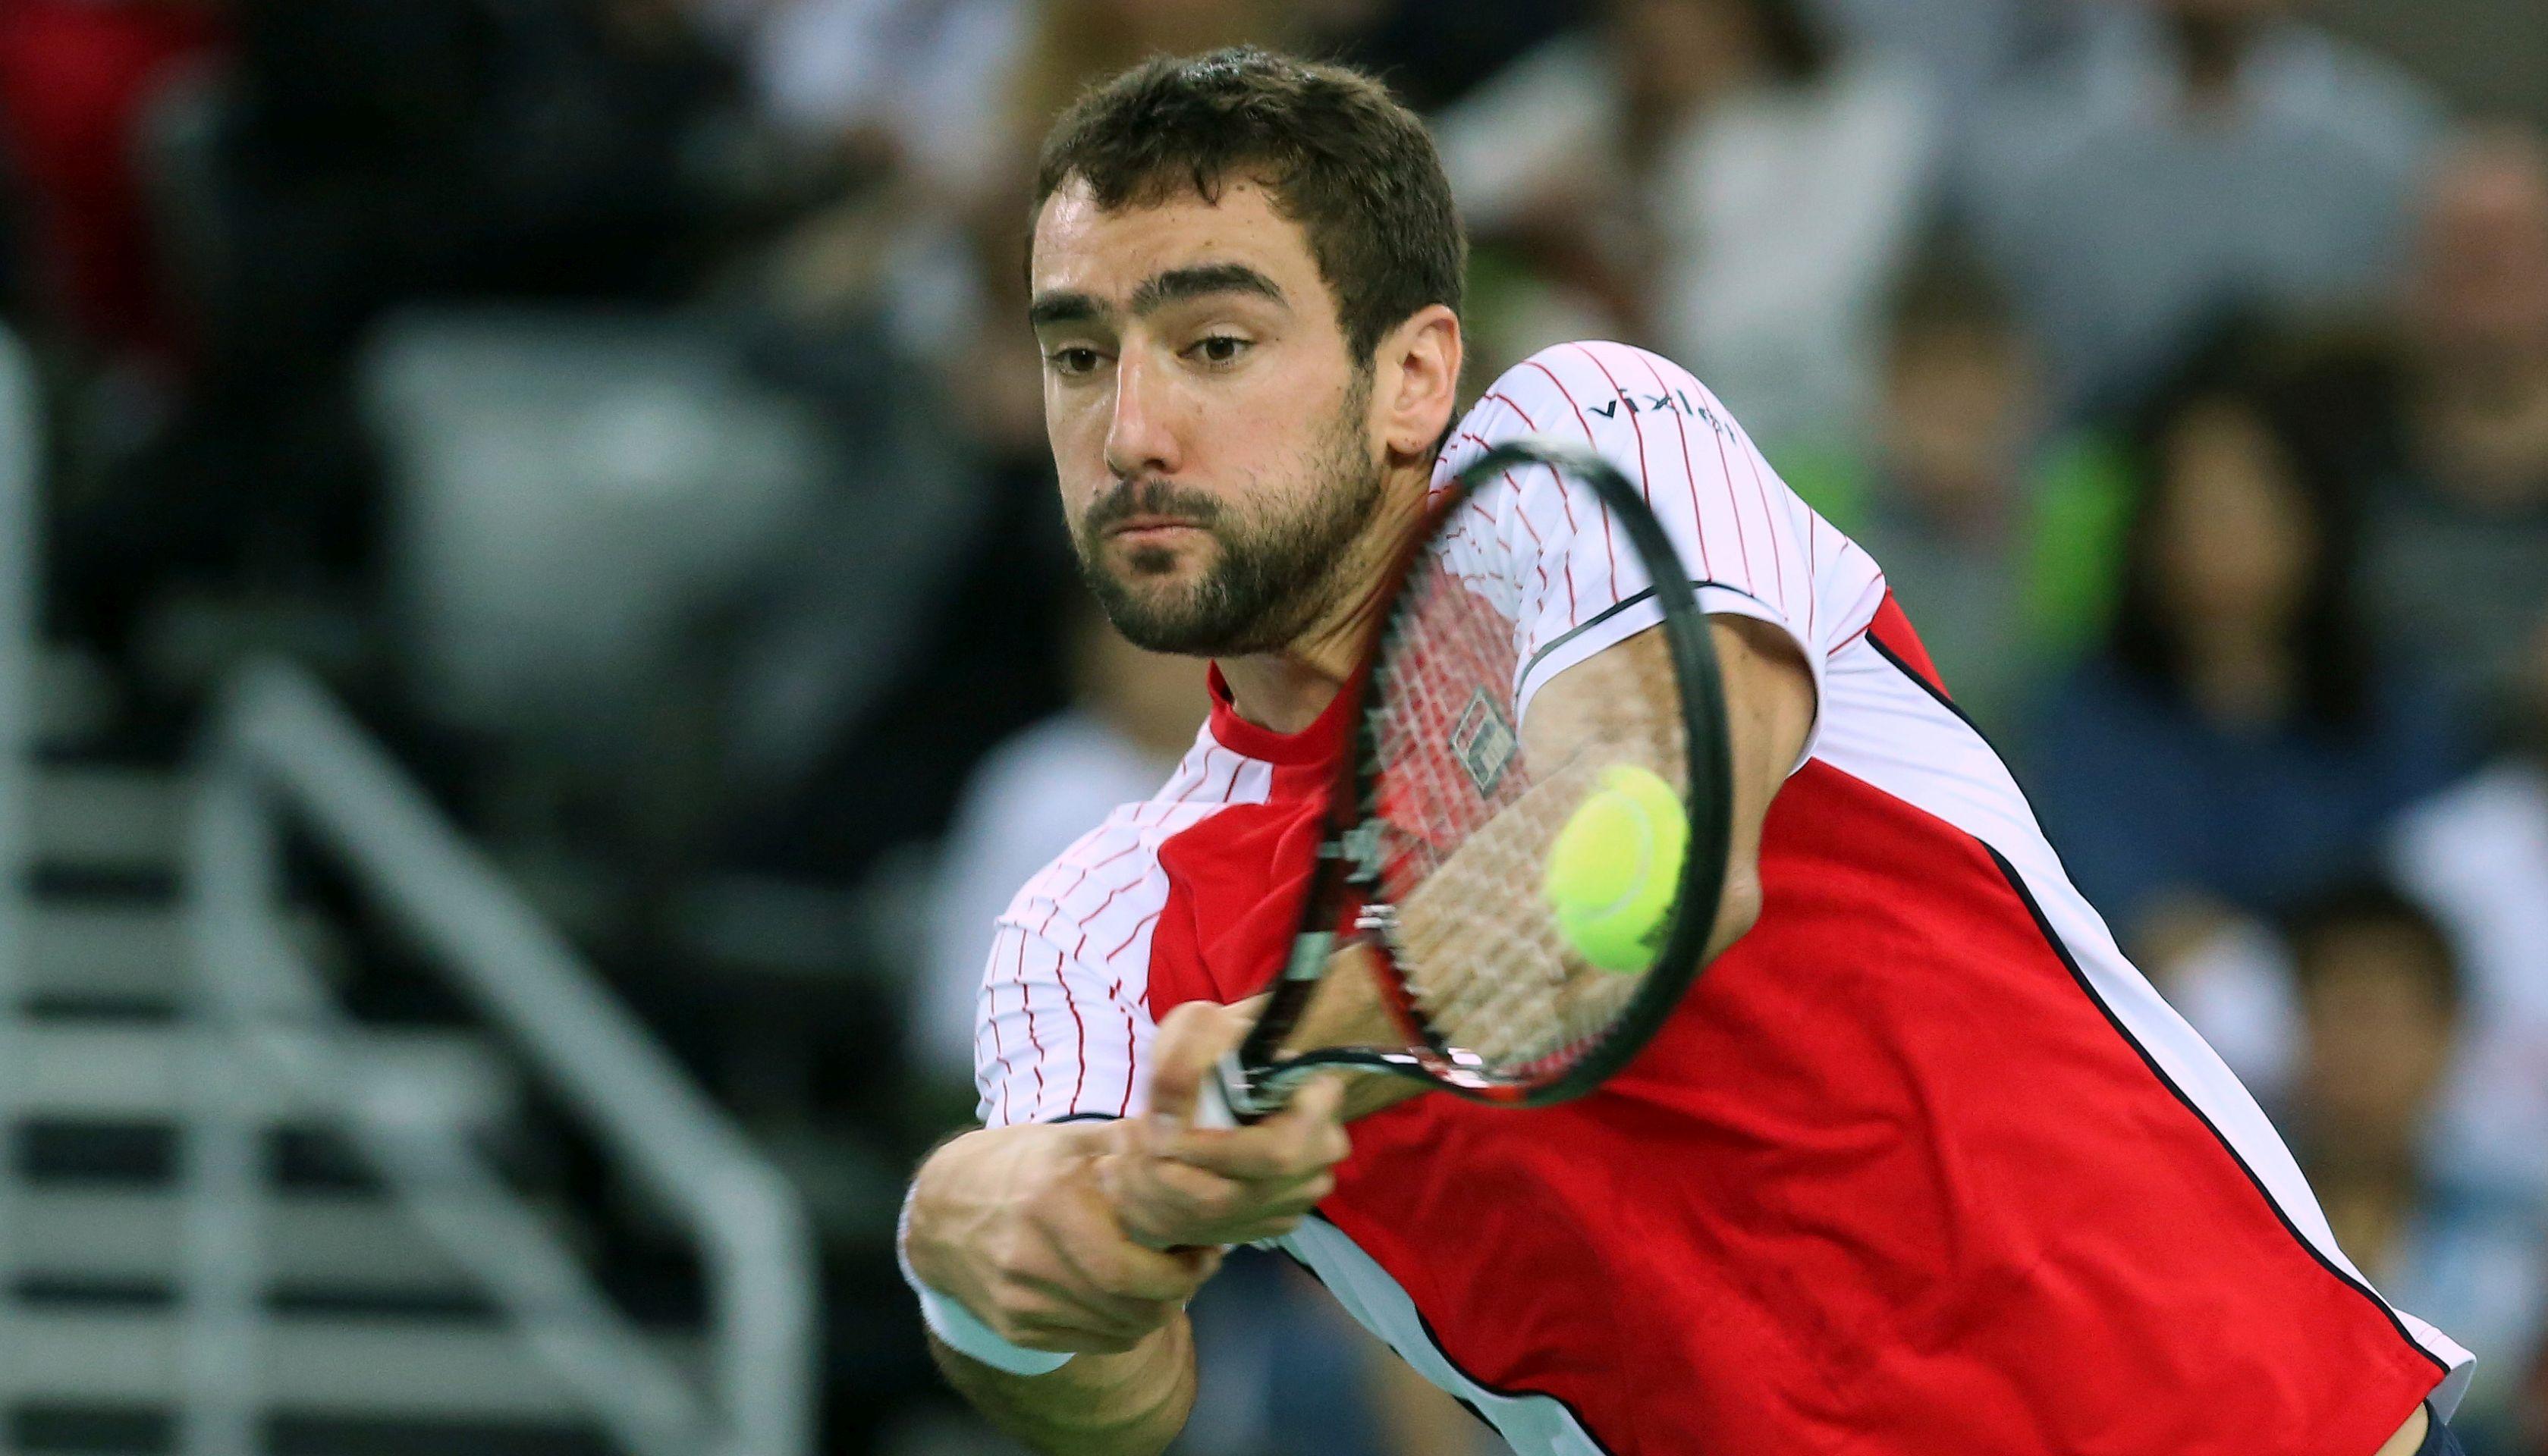 ATP Čilić ostao na sedmom mjestu